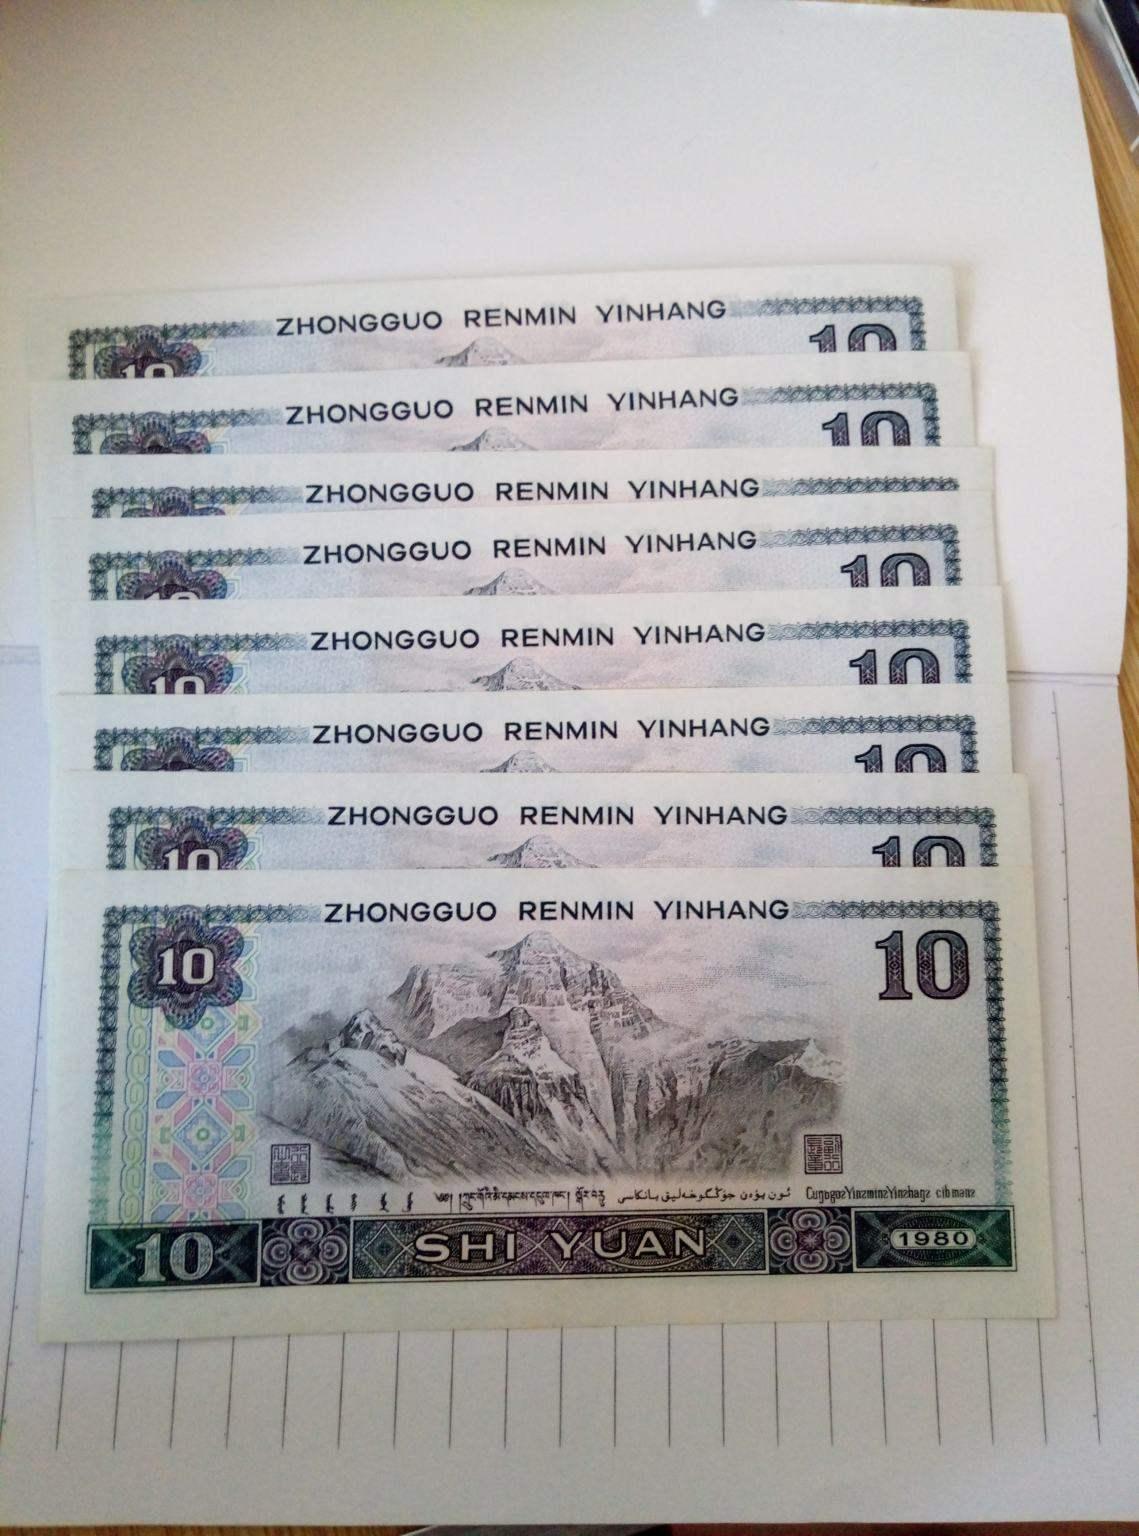 1980版10人民币收藏价格及升值潜力